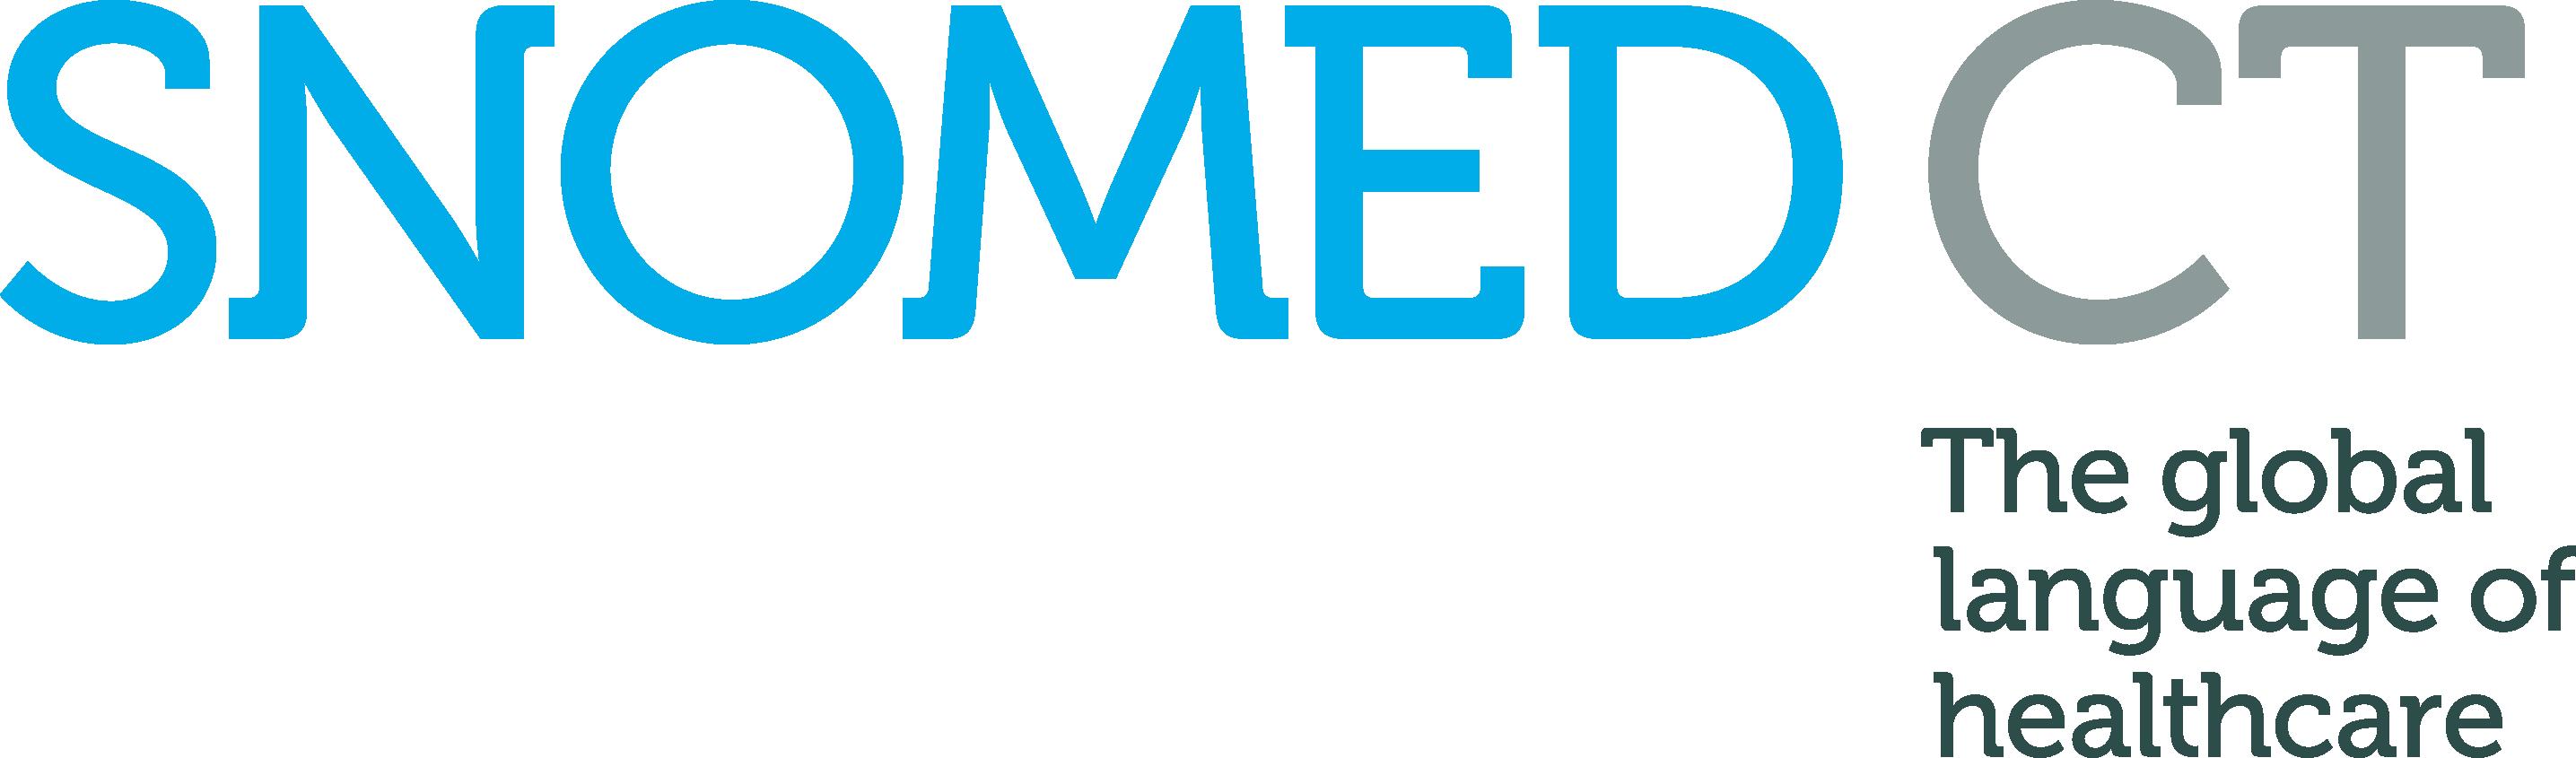 Snomed-logo